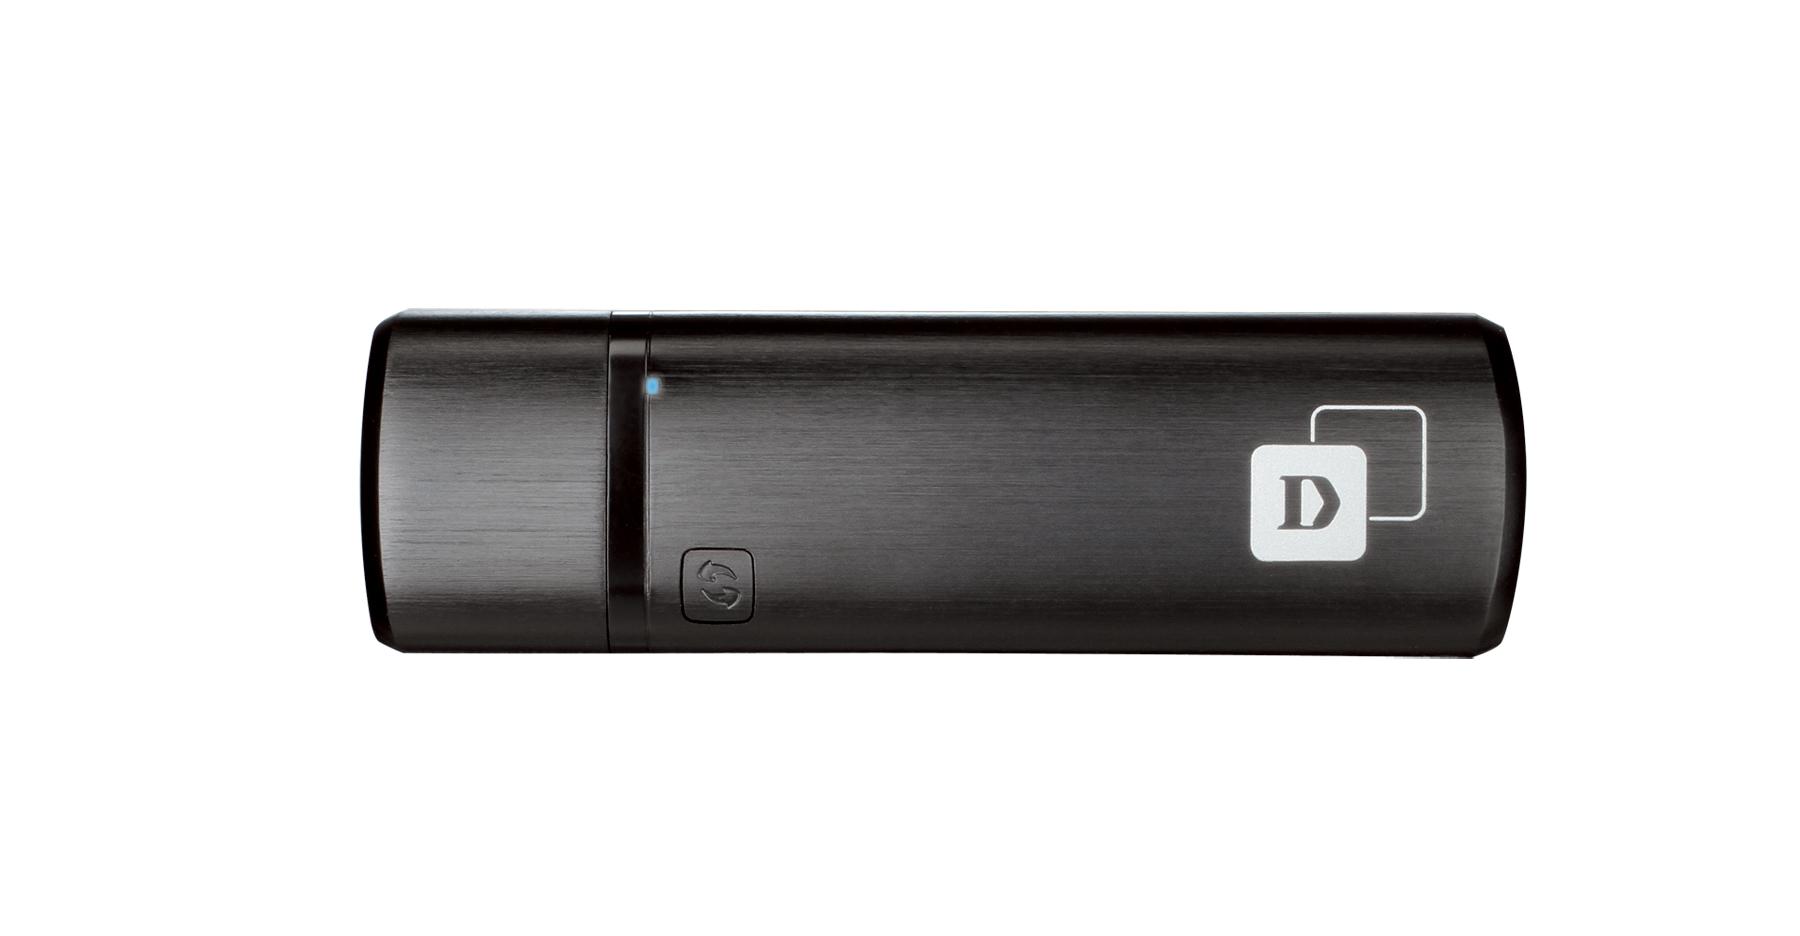 D-Link AC1200 WLAN 867 Mbit/s